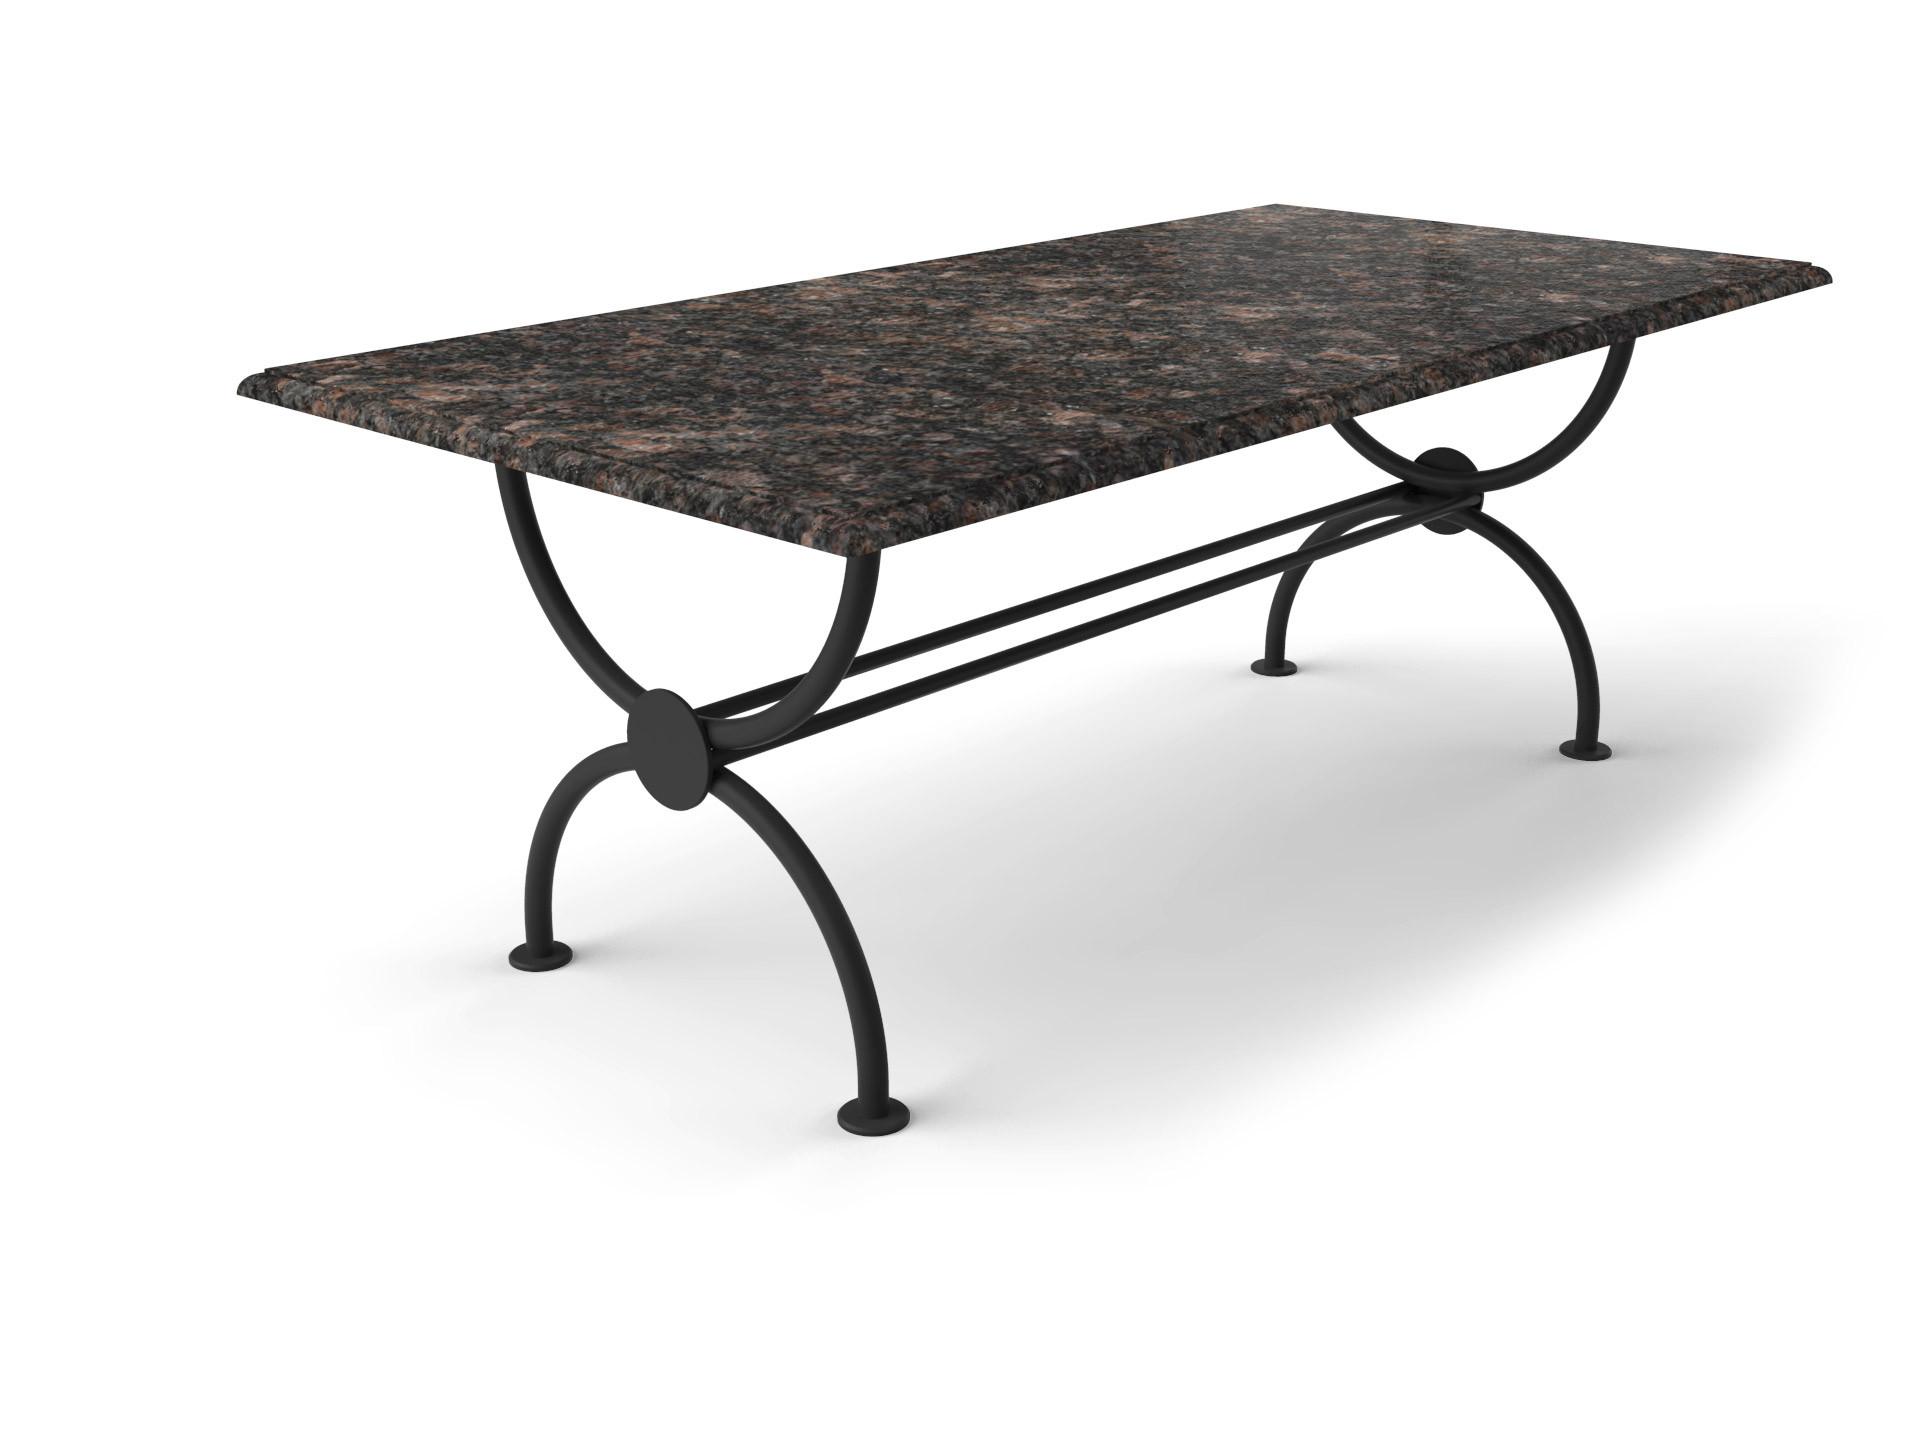 Granit Gartentisch mit elegantem Rondo Tischgestell